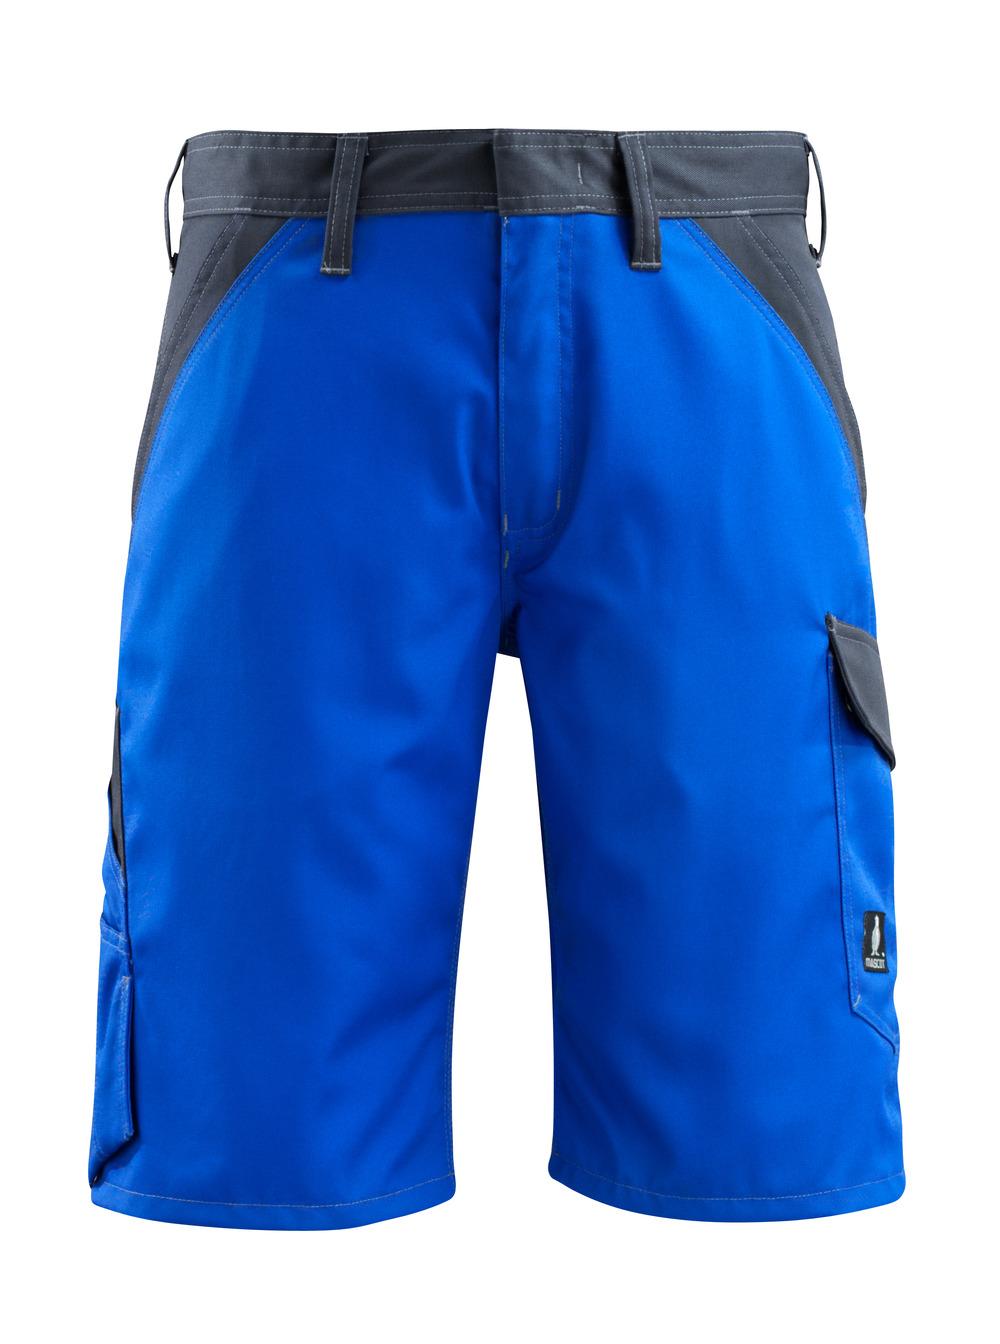 15749-330-11010 Pantalones cortos - azul real/azul marino oscuro